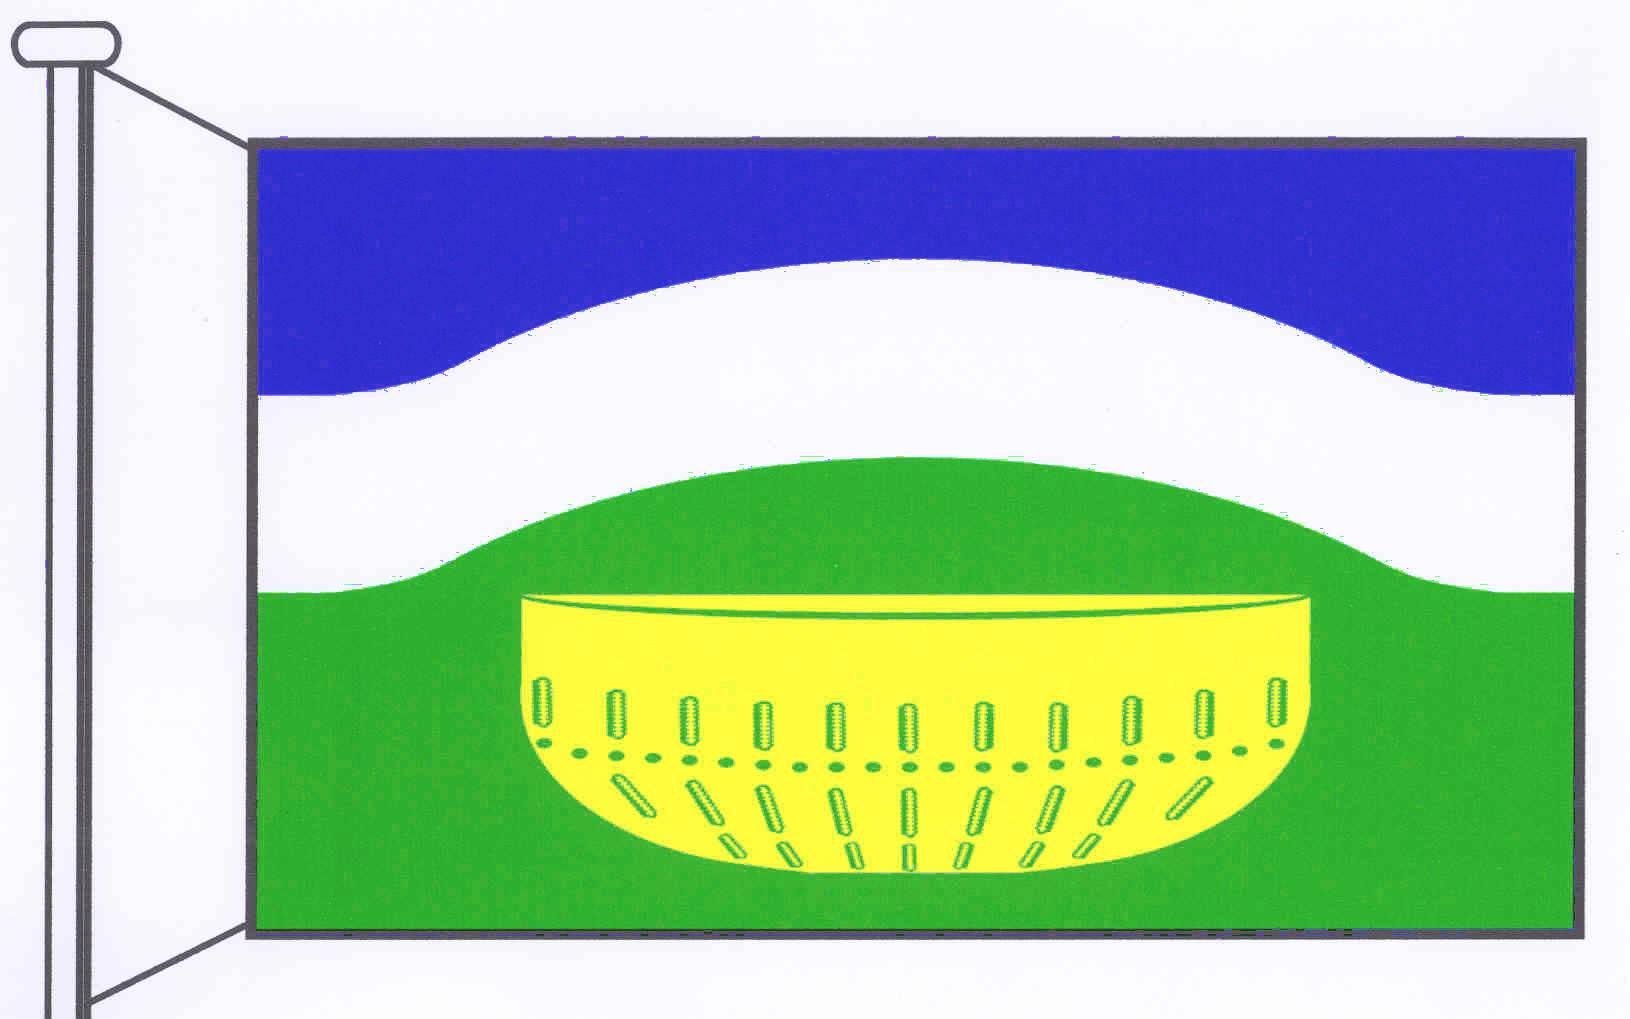 Flagge GemeindeGönnebek, Kreis Segeberg